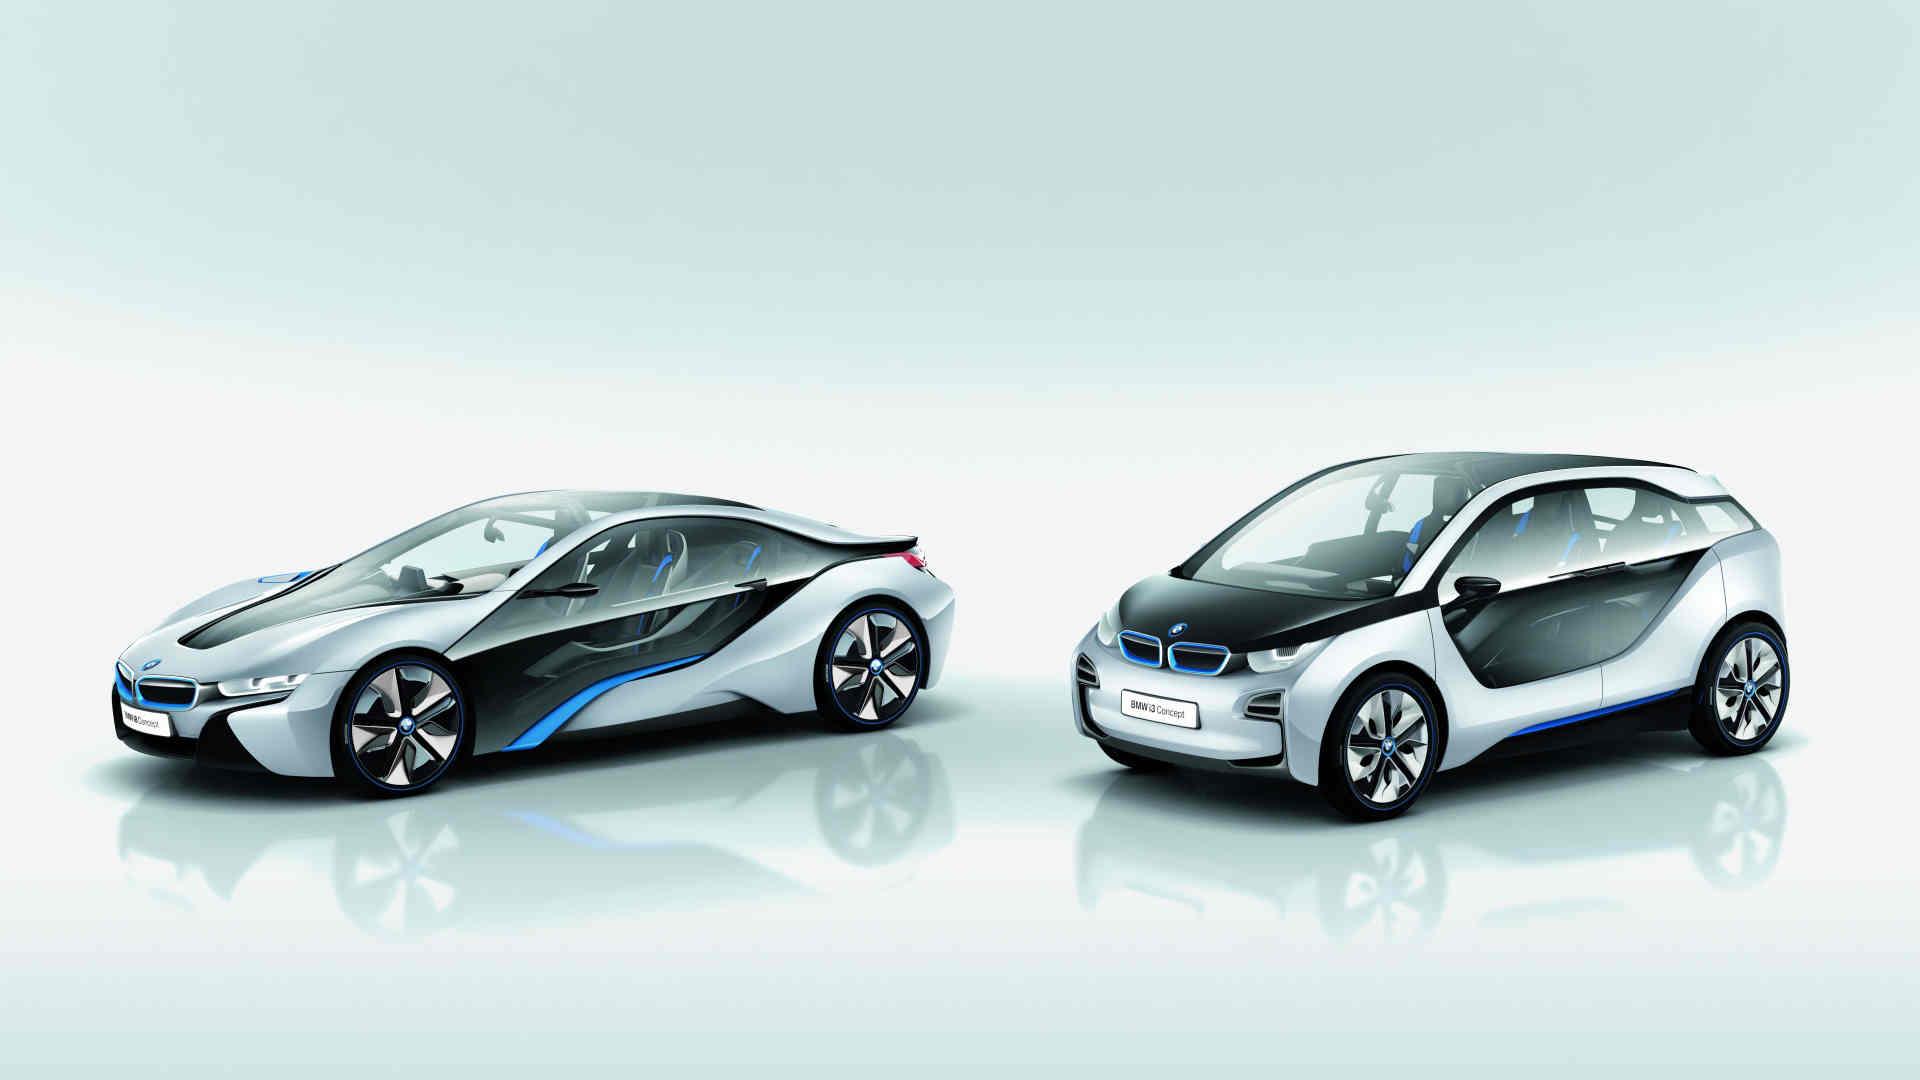 BMW_i3_Concept_BMW_i8_Concept_17